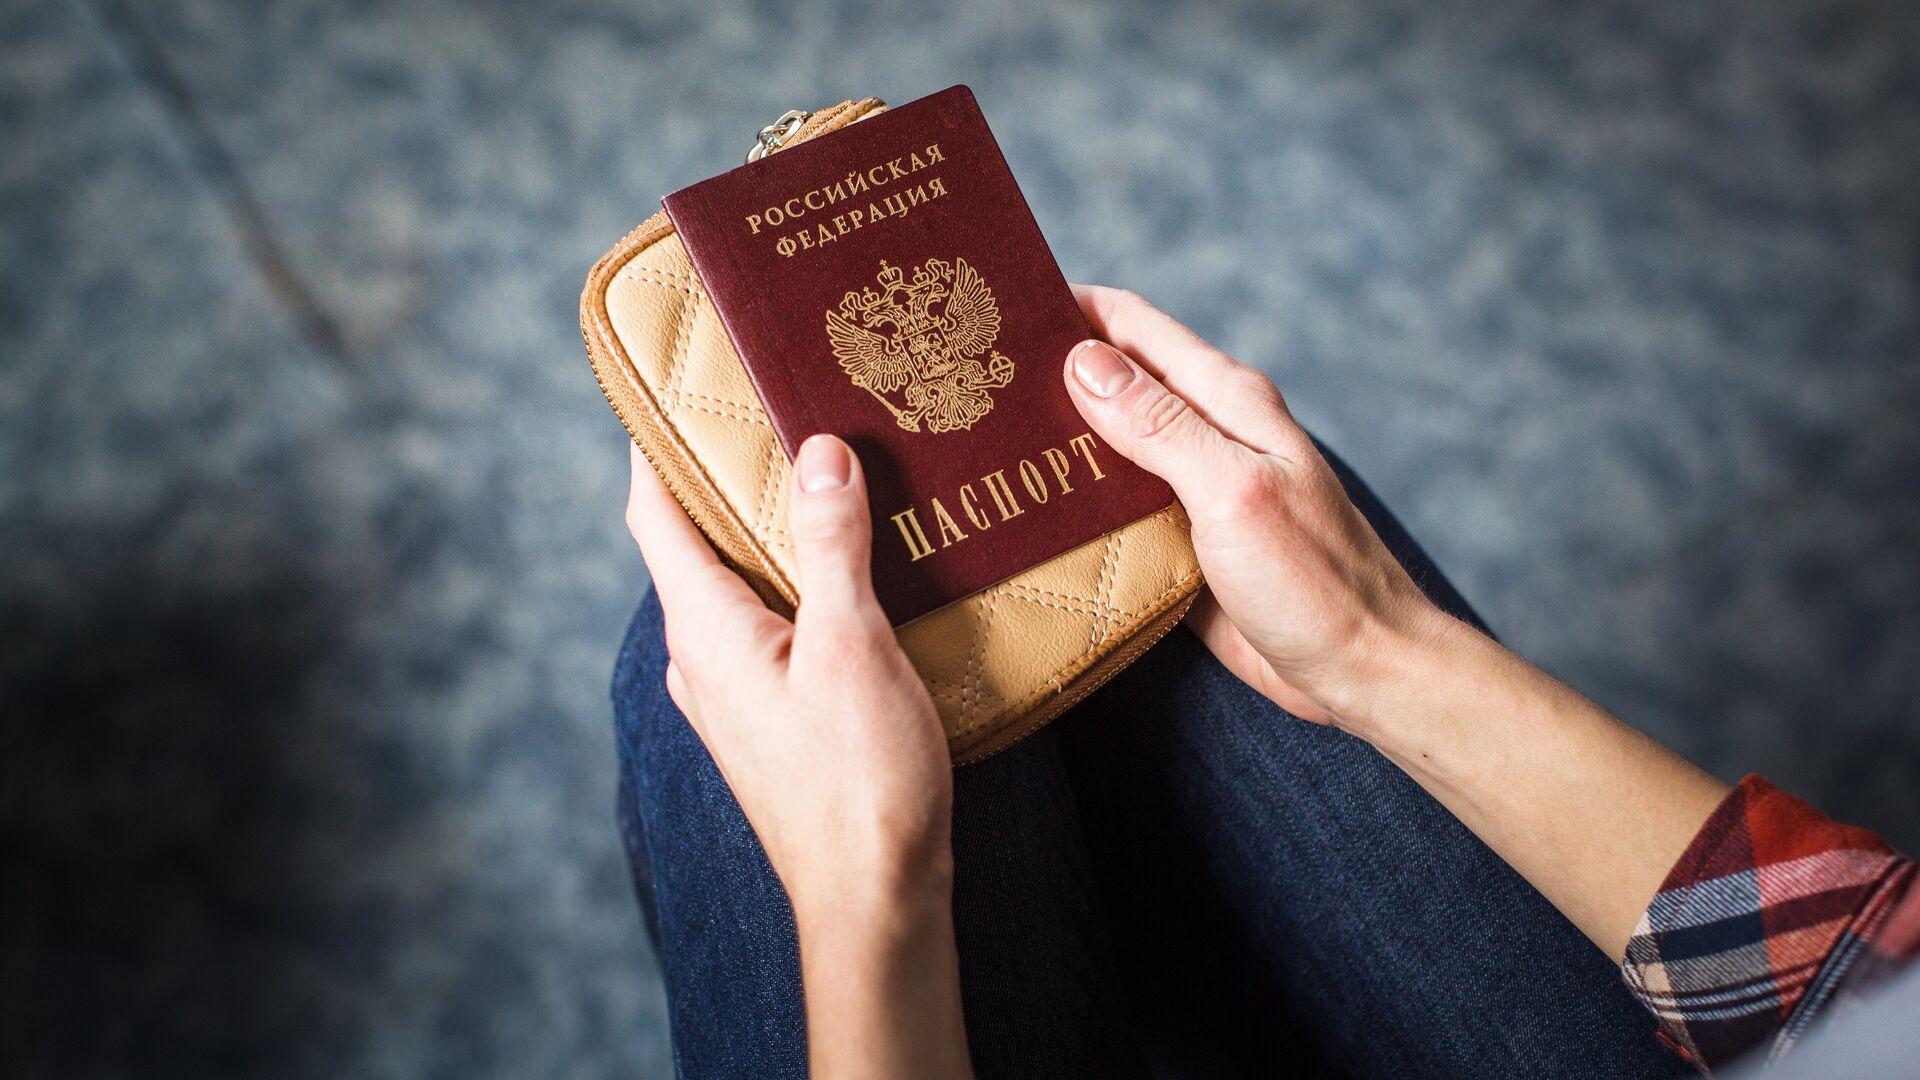 Девушка держит российский паспорт - РИА Новости, 1920, 13.04.2021